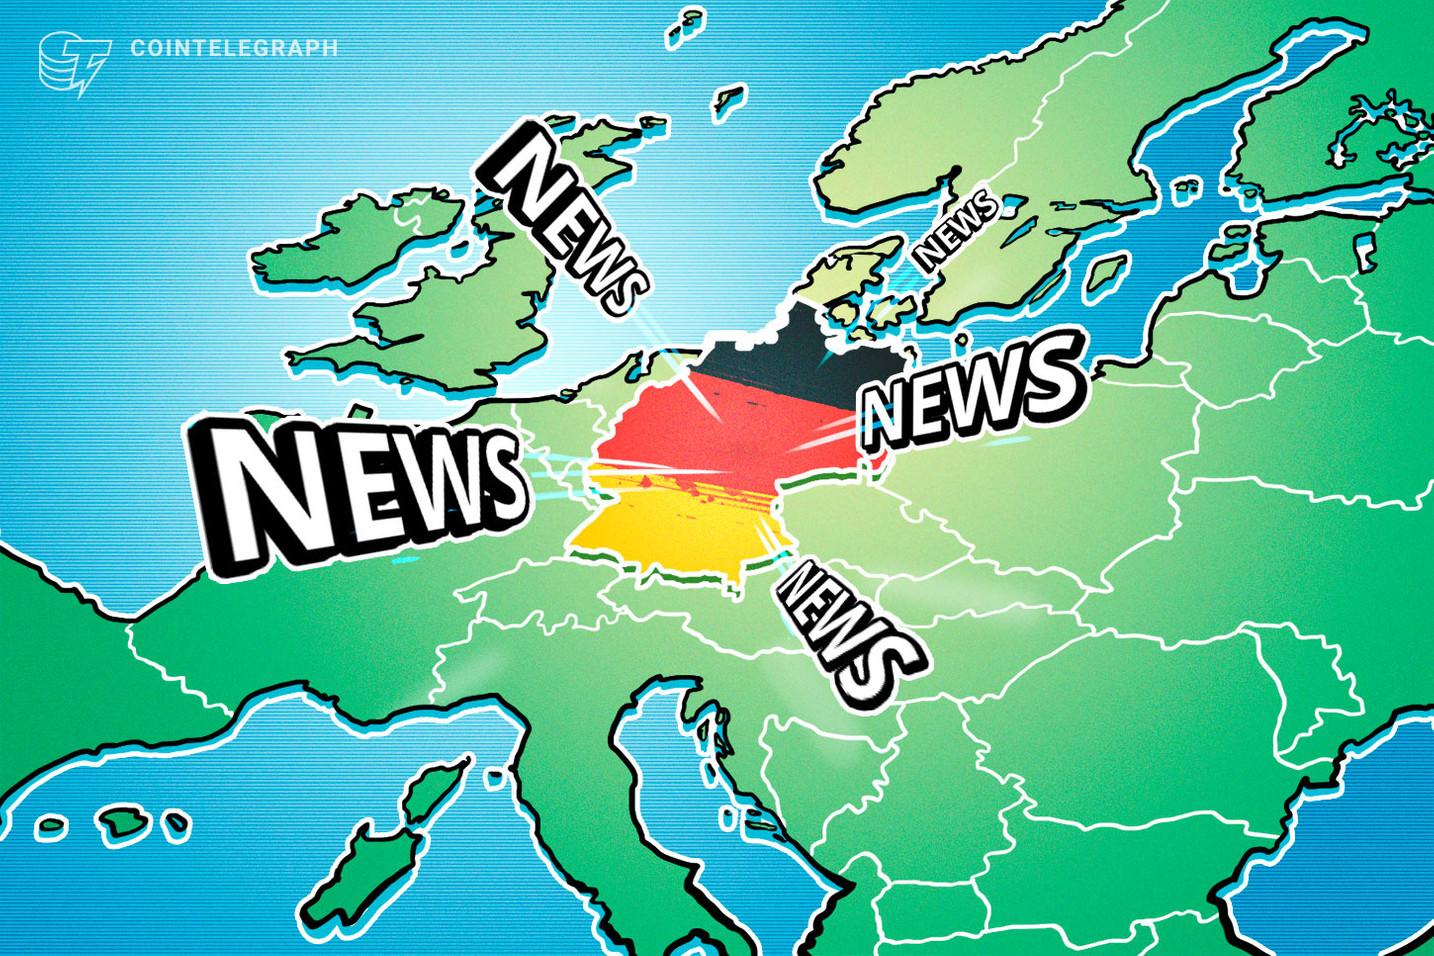 Noticias cripto en idioma alemán: revisión del 16 al 22 de septiembre